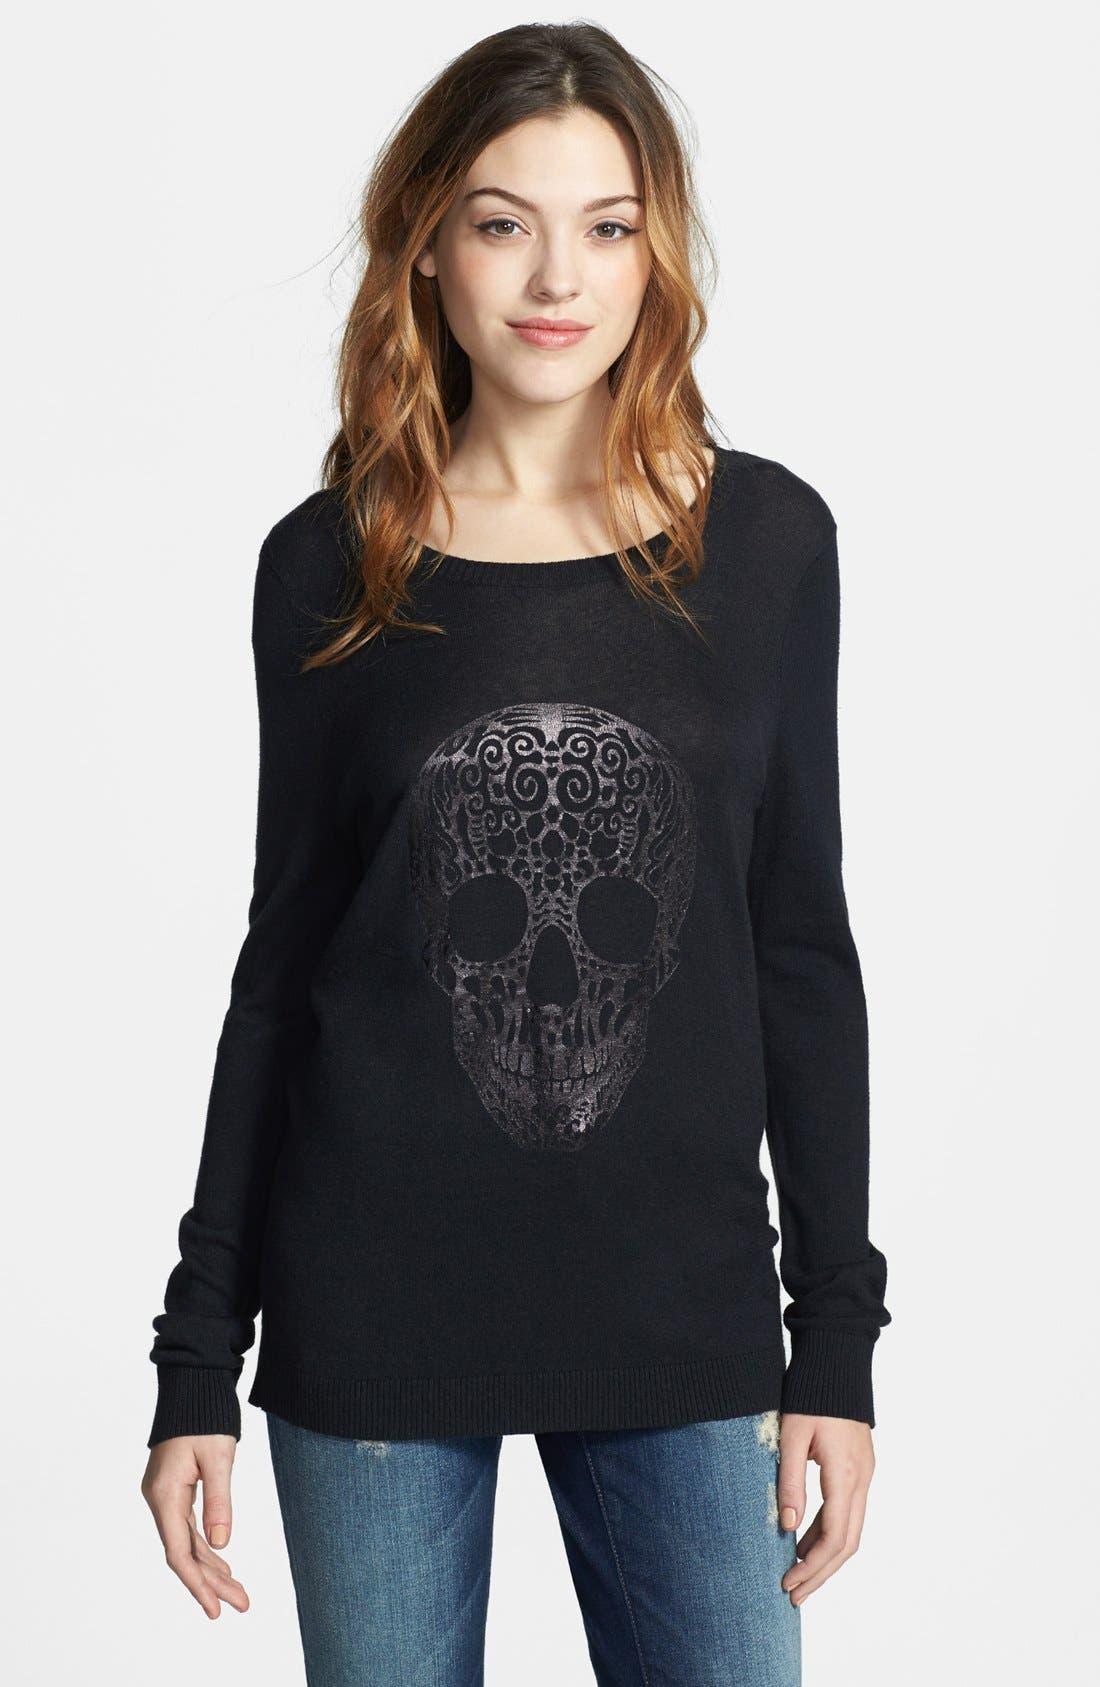 Alternate Image 1 Selected - kensie 'Skull' Fine Gauge Sweater